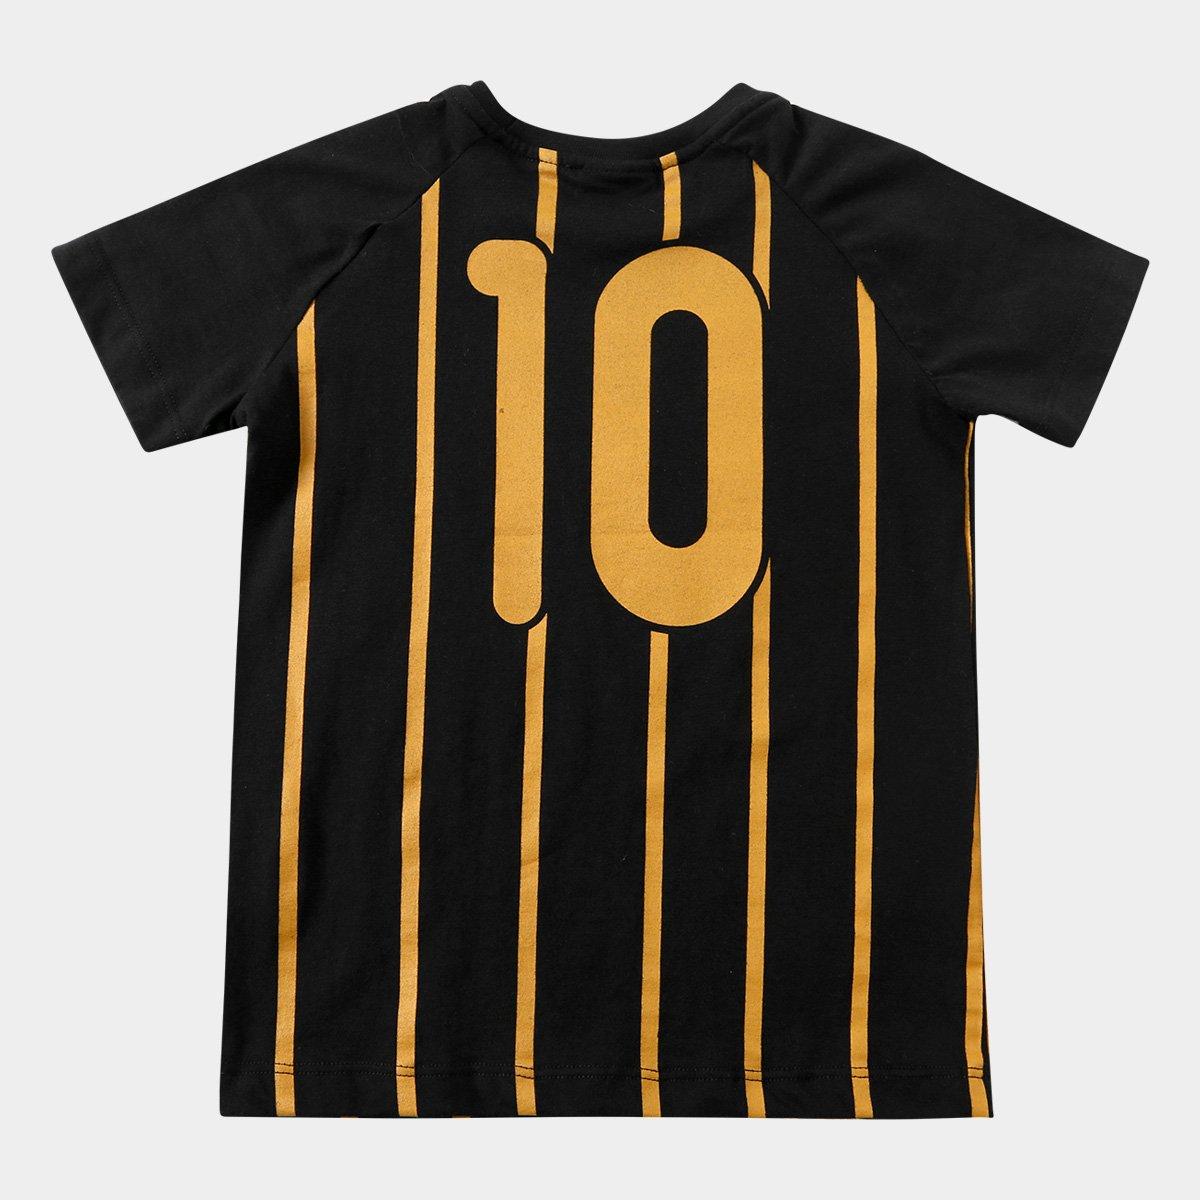 Camiseta Corinthians Infantil Gold  Camiseta Corinthians Infantil Gold f7fd434b0e5ed